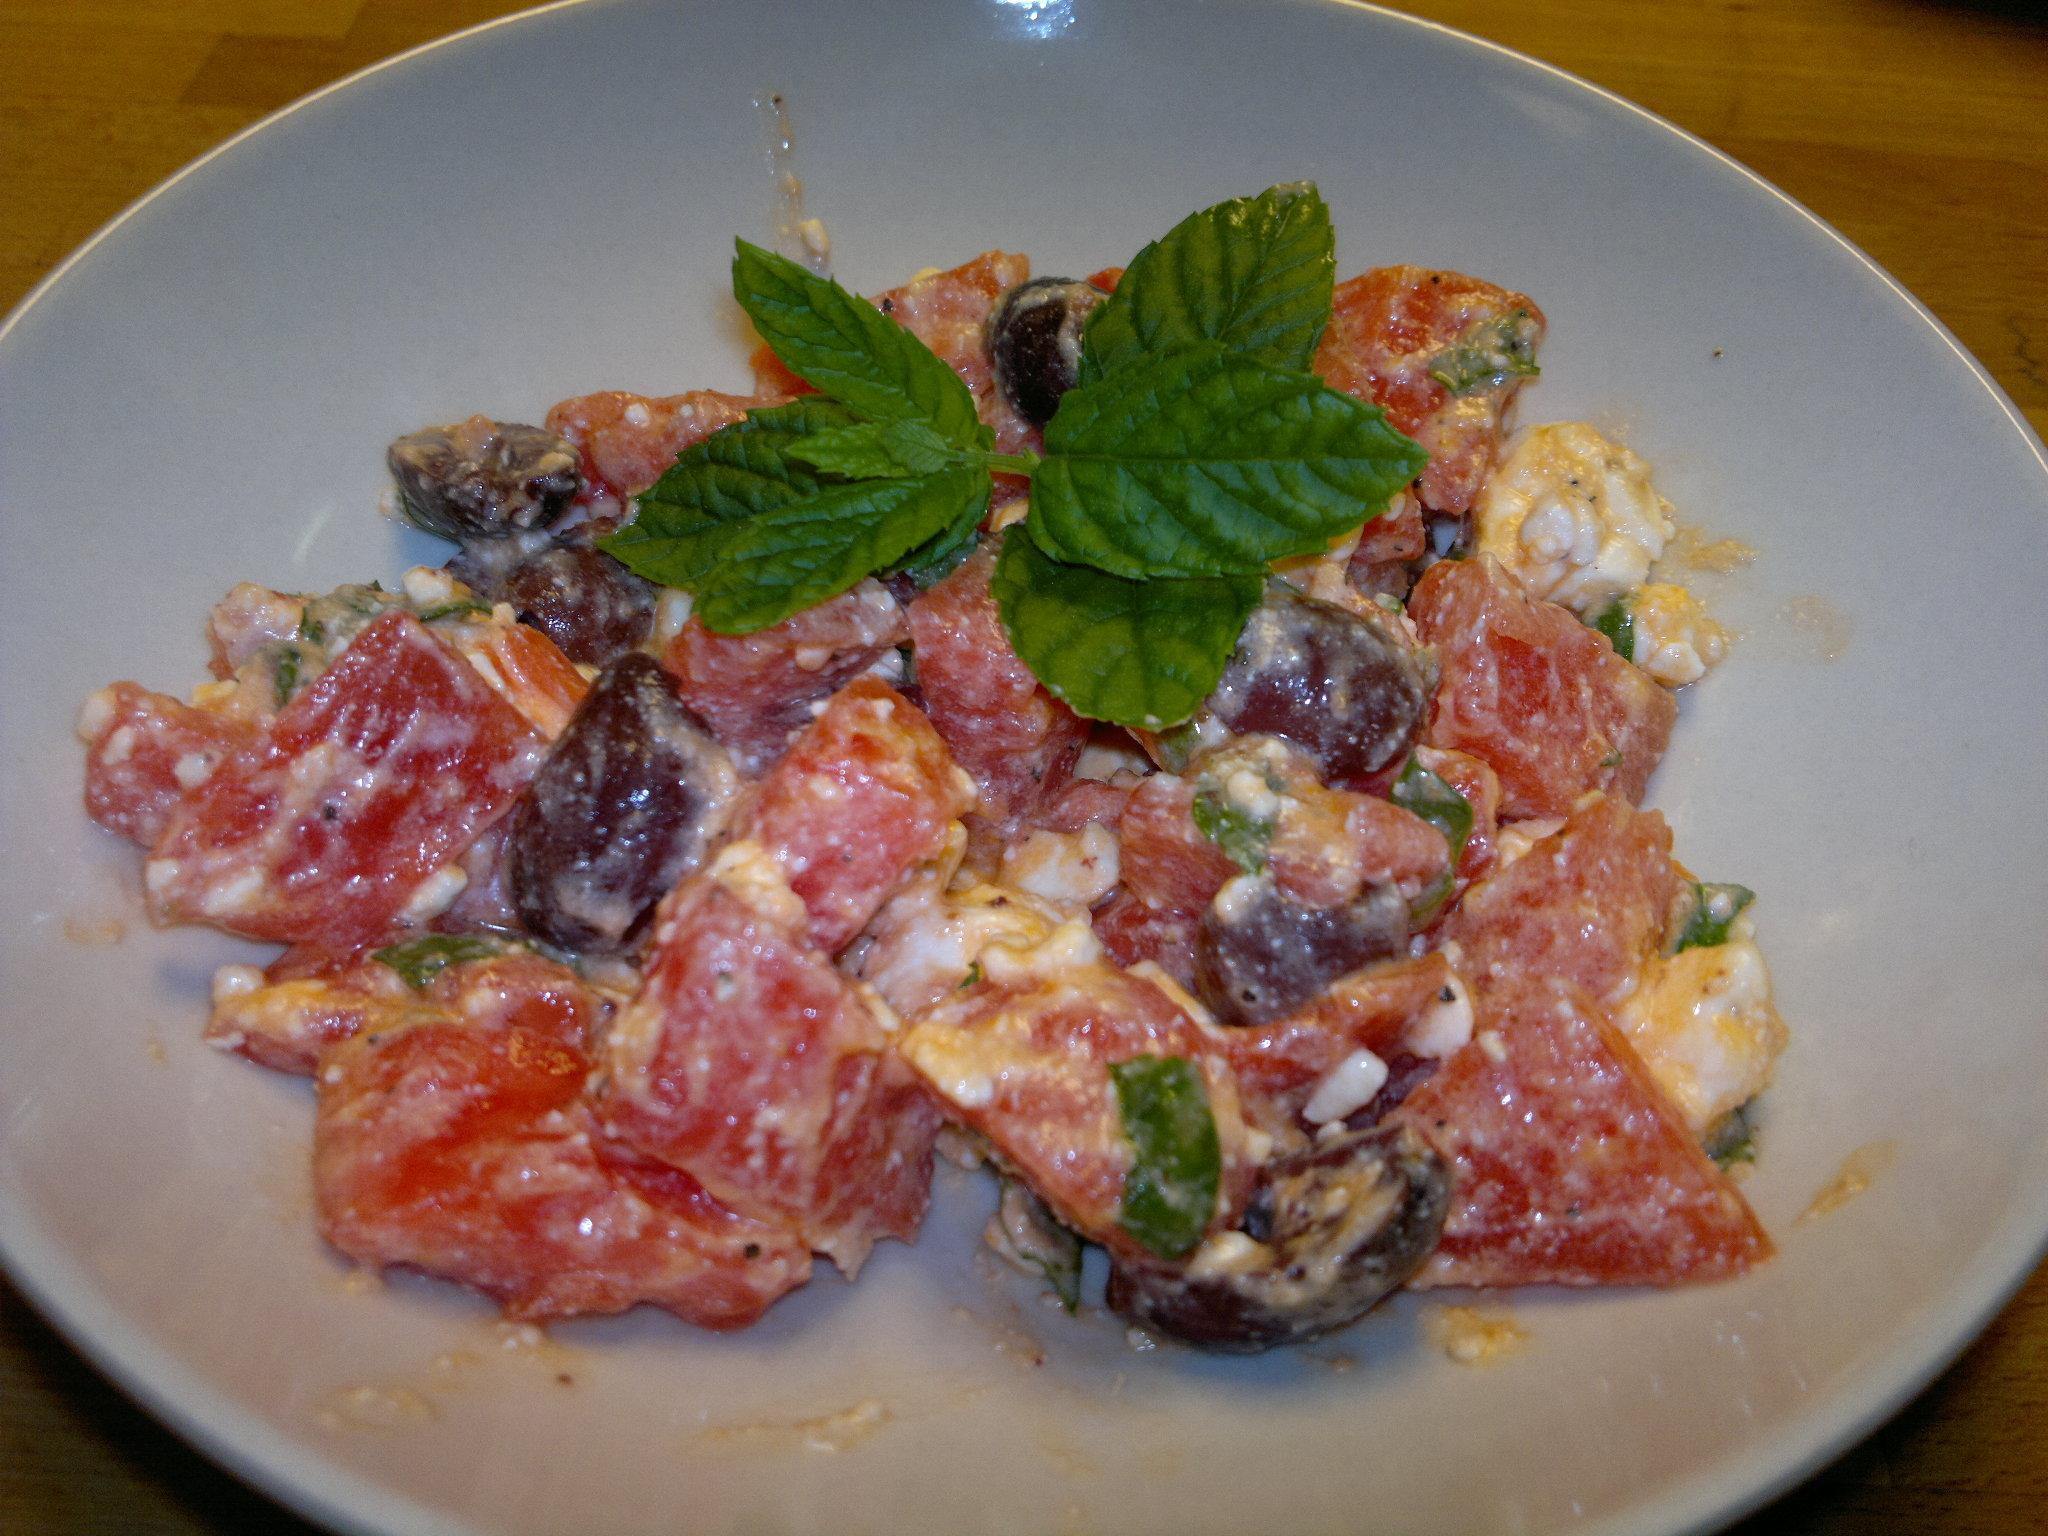 Fetaost och vattenmelonsallad med mynta och oliver